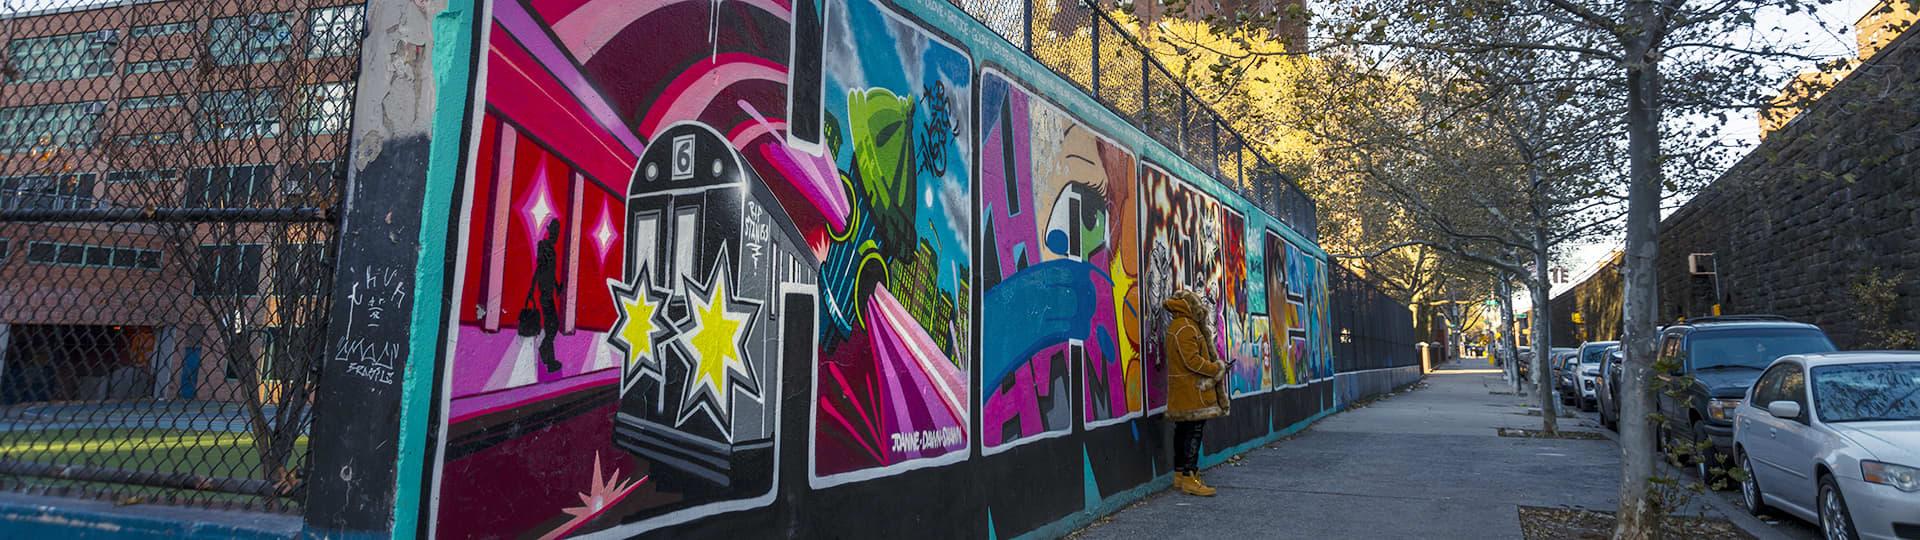 East Harlem, Graffiti Hall of Fame